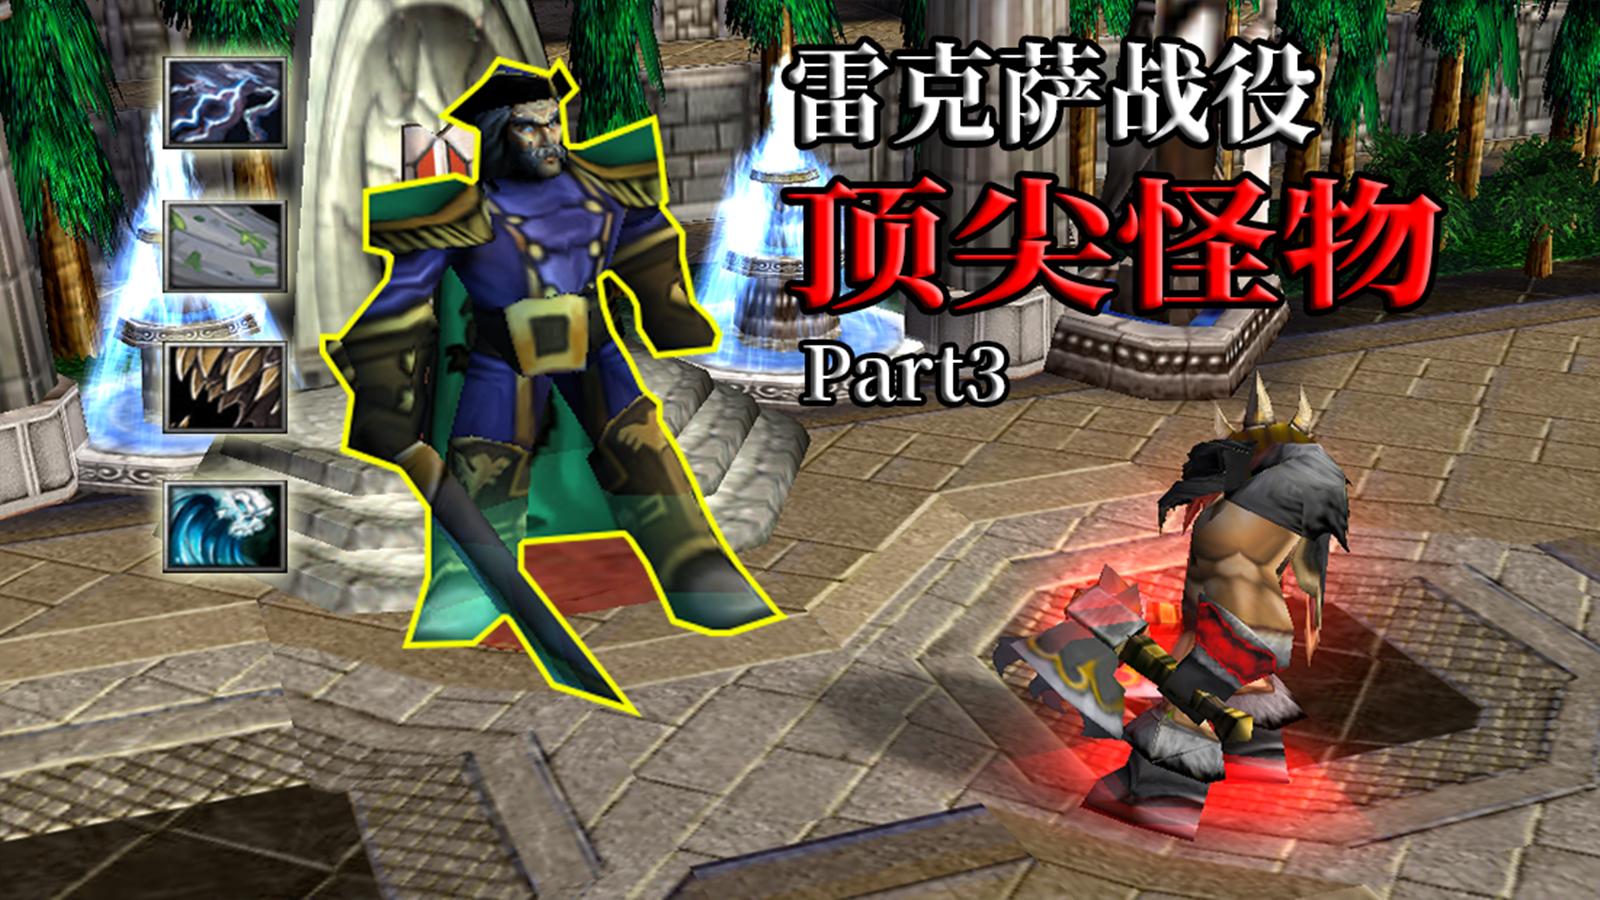 魔兽争霸:雷克萨战役的最后一批顶尖怪物,海军上将数据展示!【Part3】